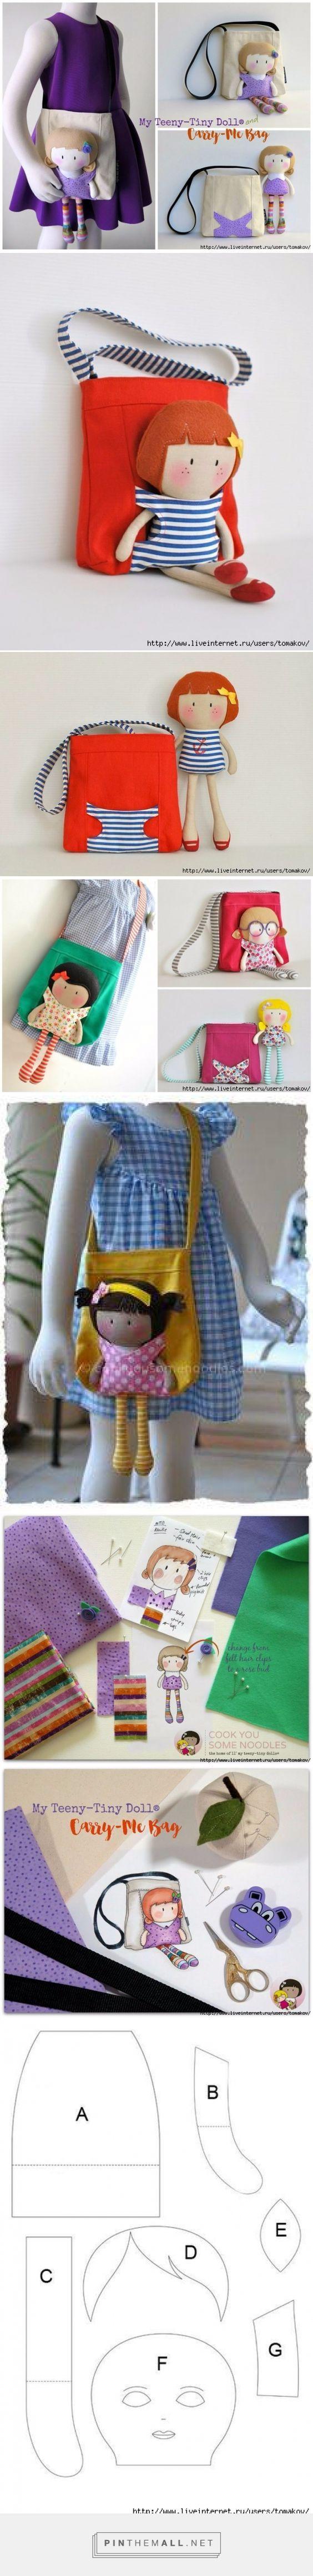 Olhem que ideia mimosa essa bolsa de menina. Que tal fazer para filha, sobrinha, afilhada...? Ou até mesmo para ganhar dinheiro.